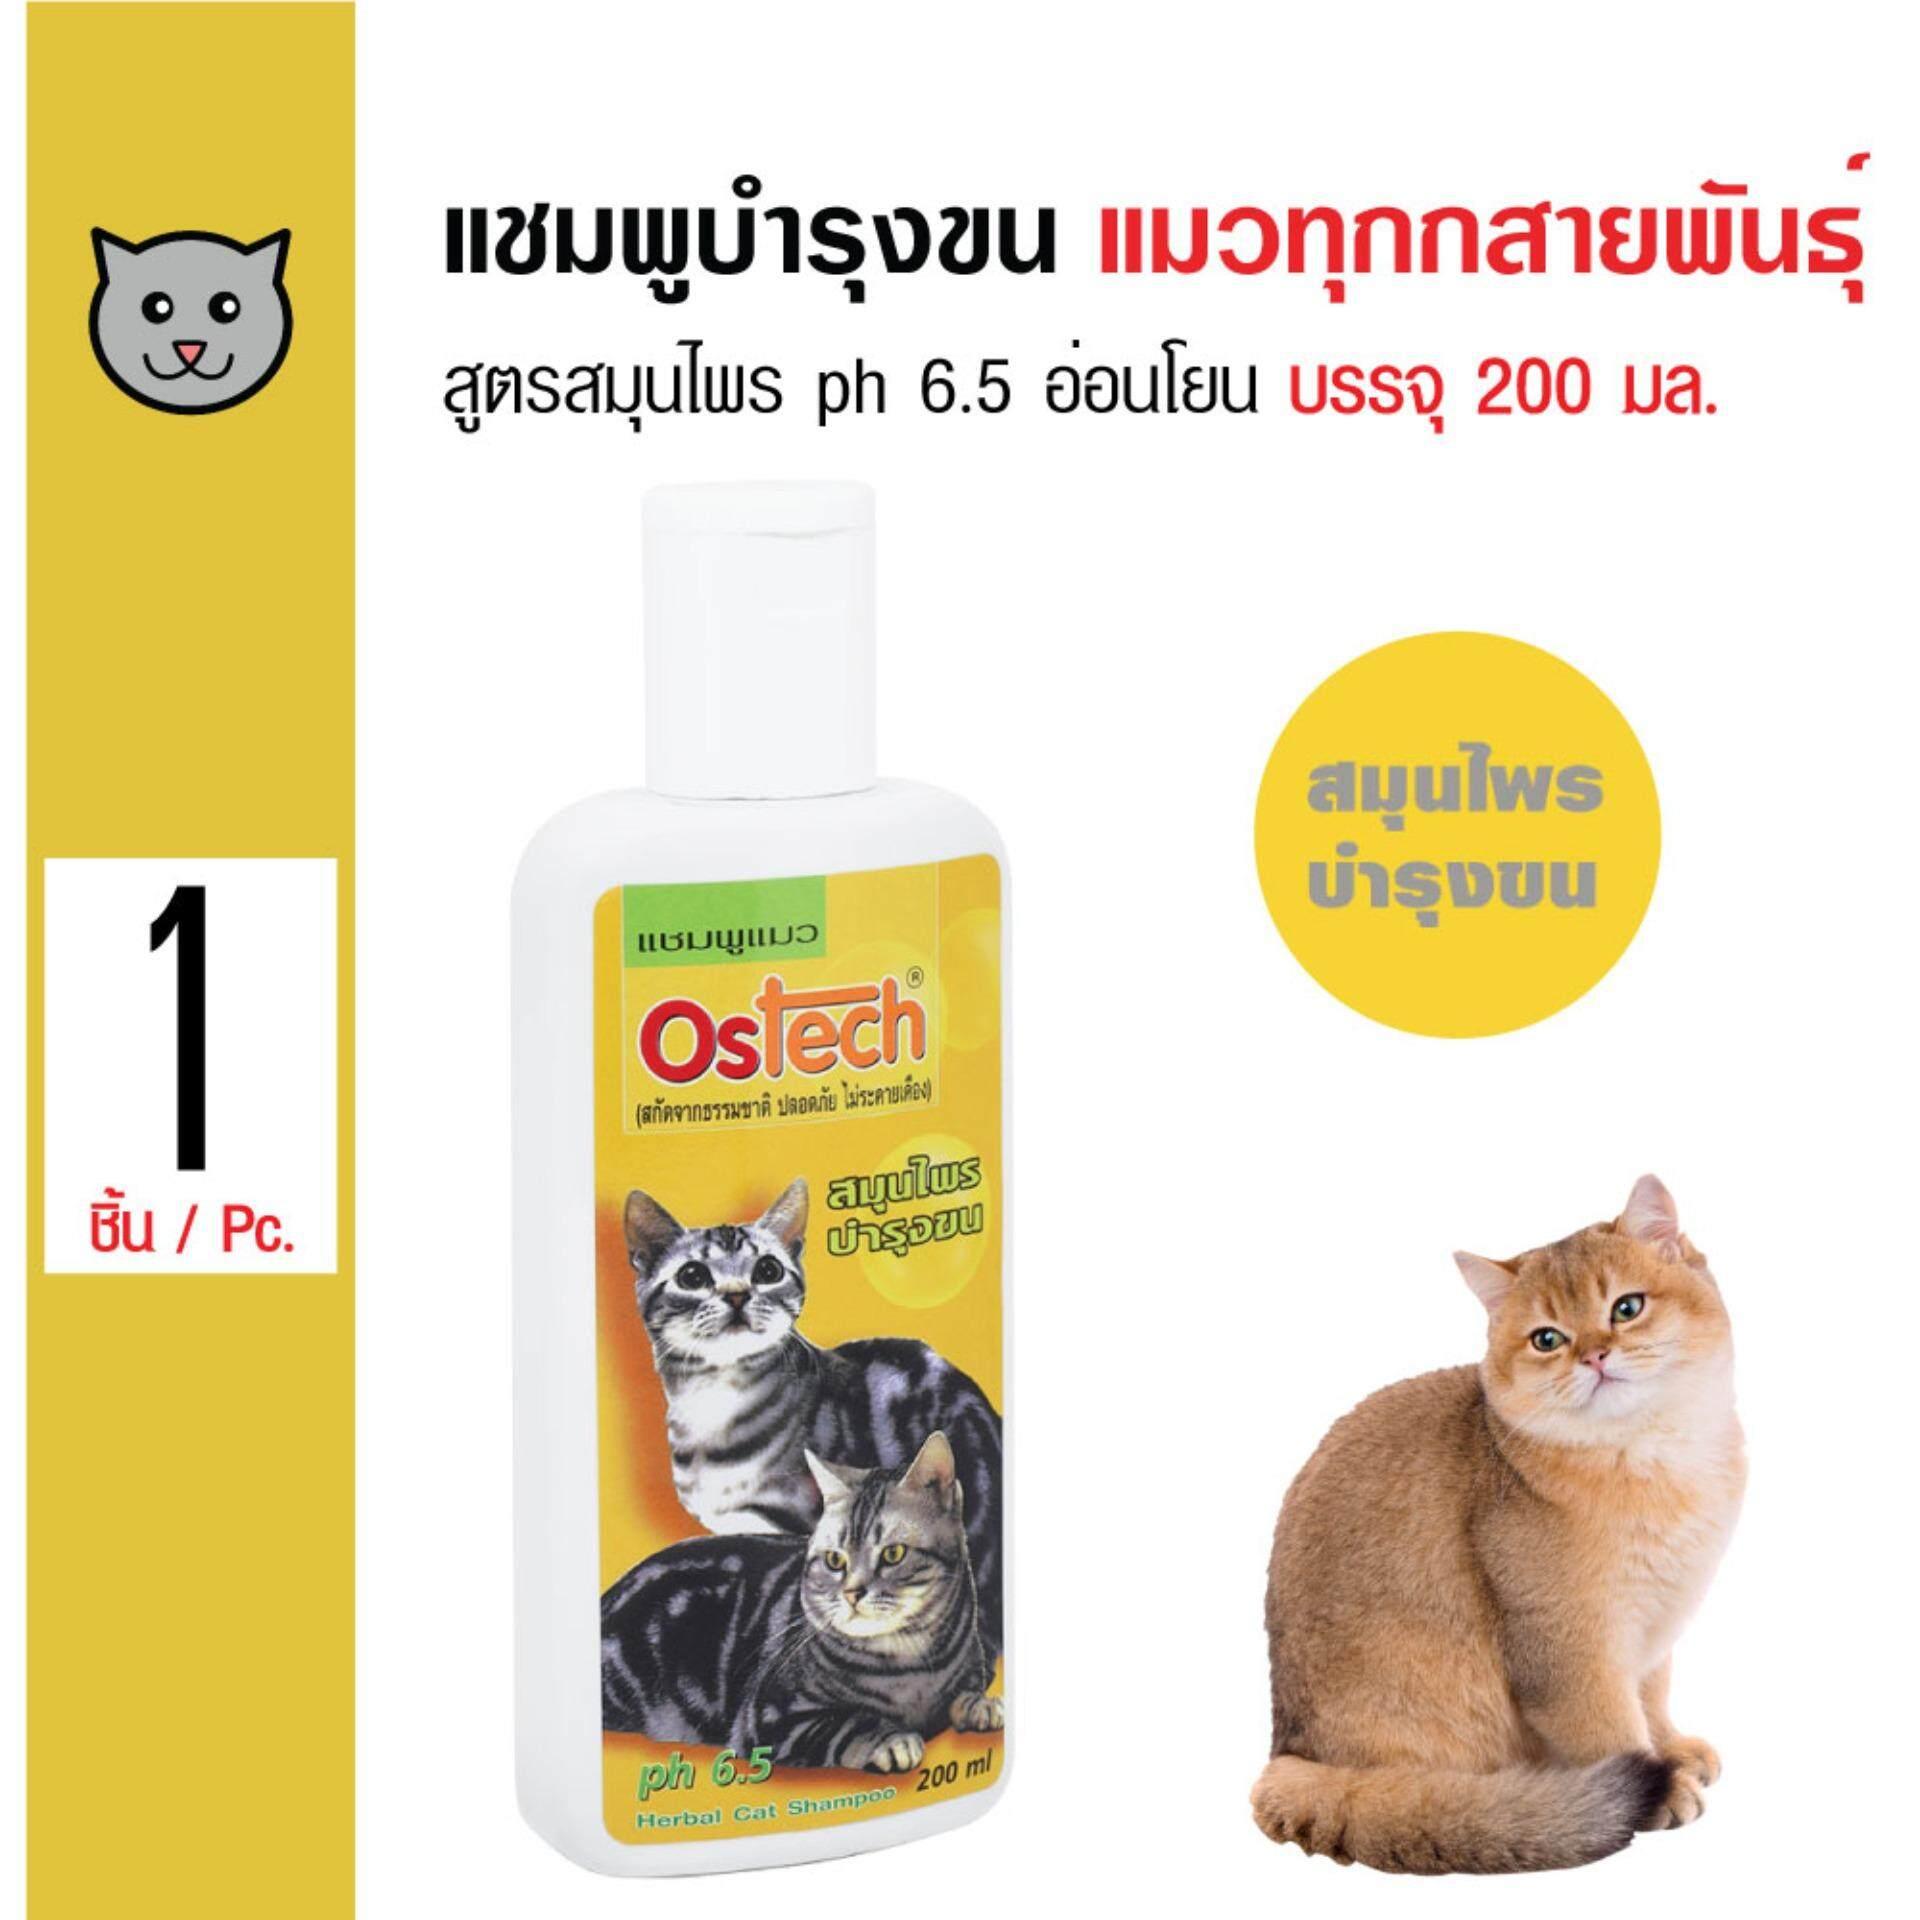 Ostech Cat แชมพูแมว สูตรสมุนไพร บำรุงผิวหนังและขน สำหรับแมวทุกสายพันธุ์ (200 มล./ขวด)